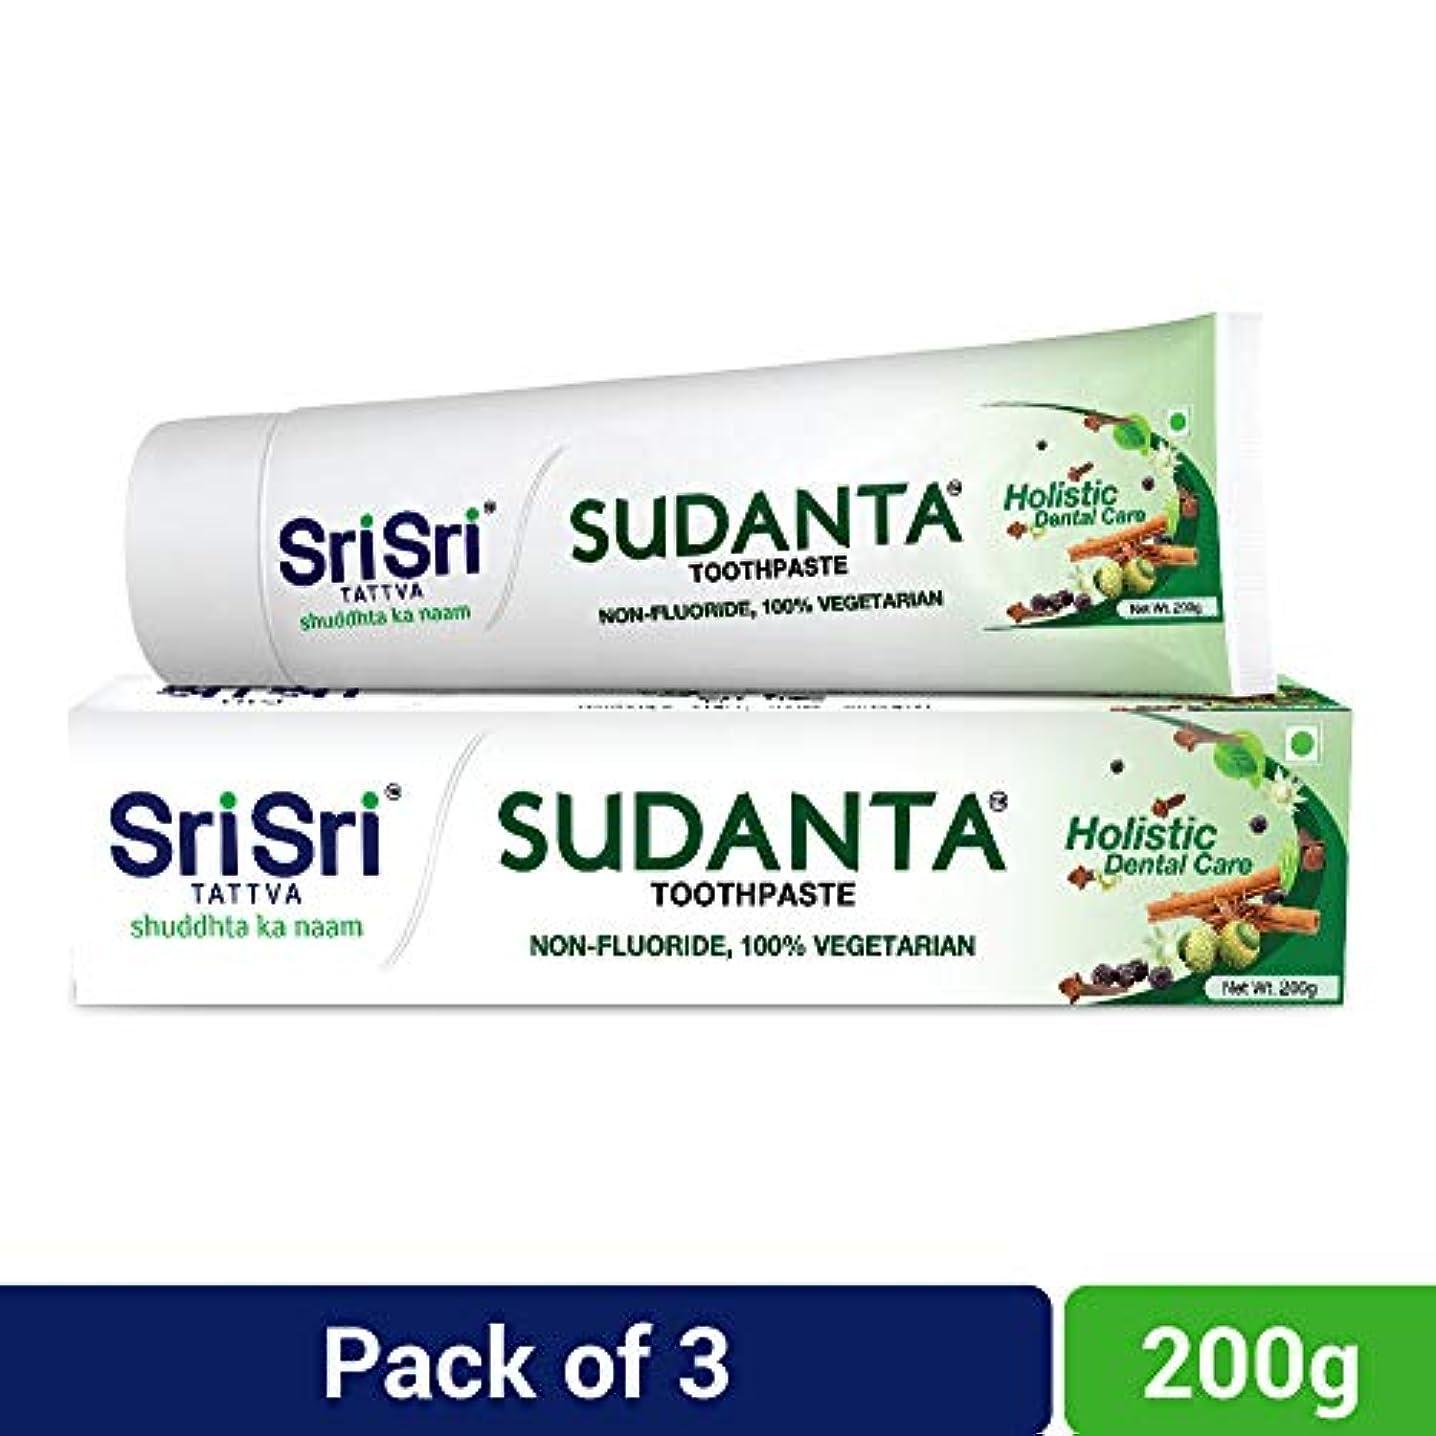 対応する汚染アセSri Sri Tattva Sudanta Toothpaste, 600gm (200gm x Pack of 3)